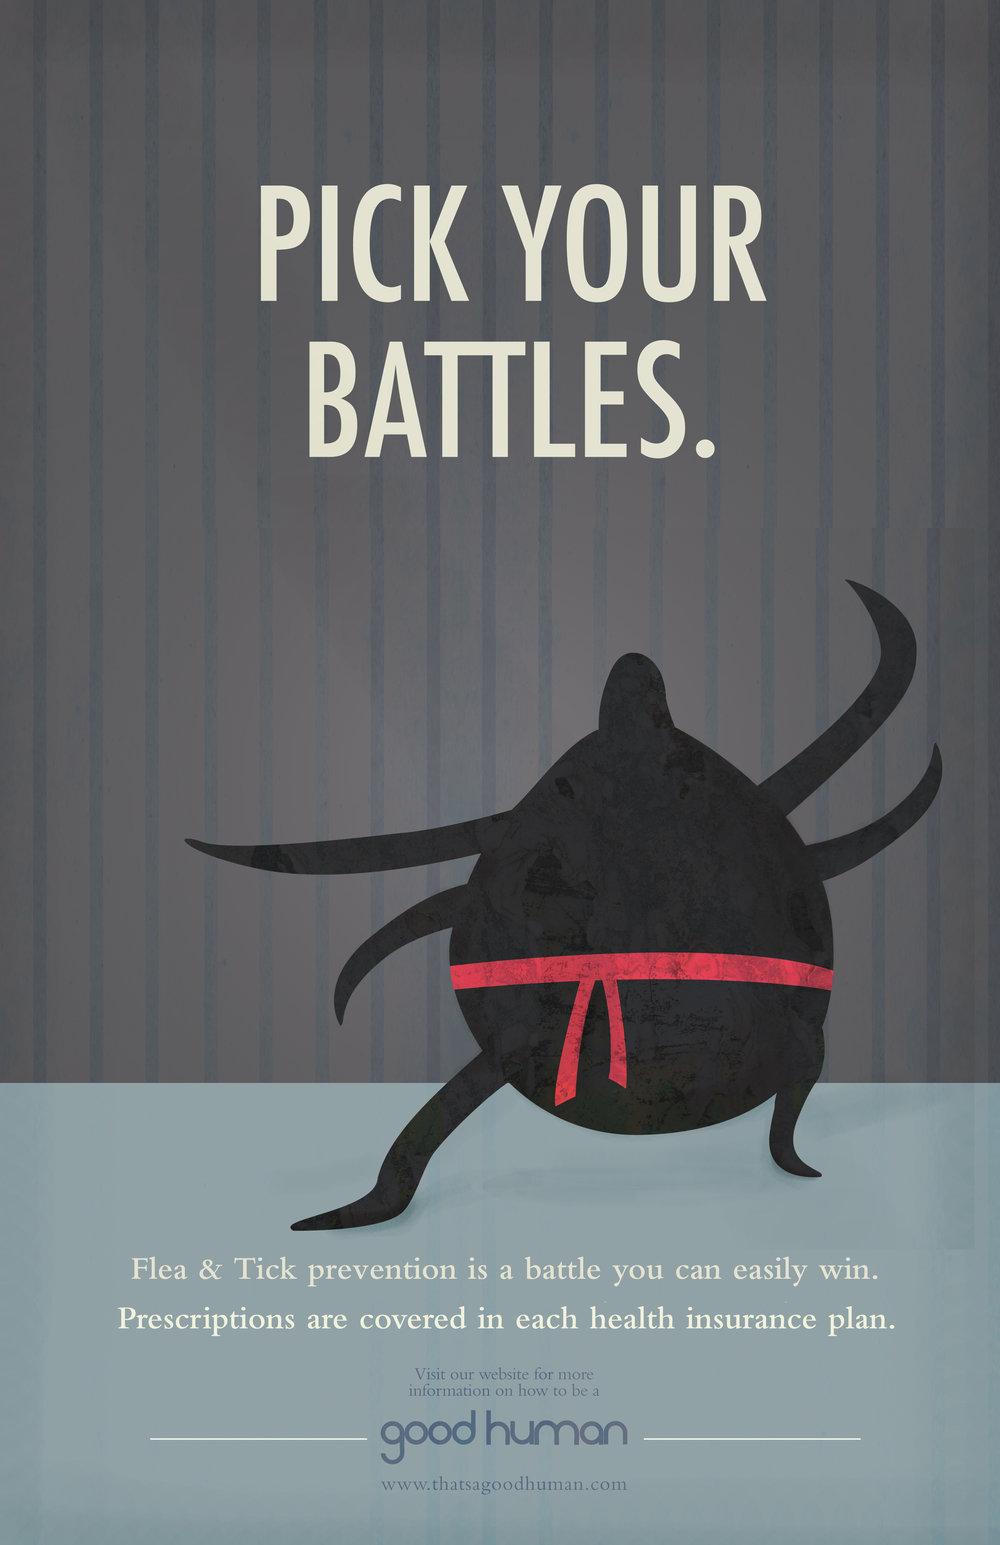 Vet Health Insurance Poster